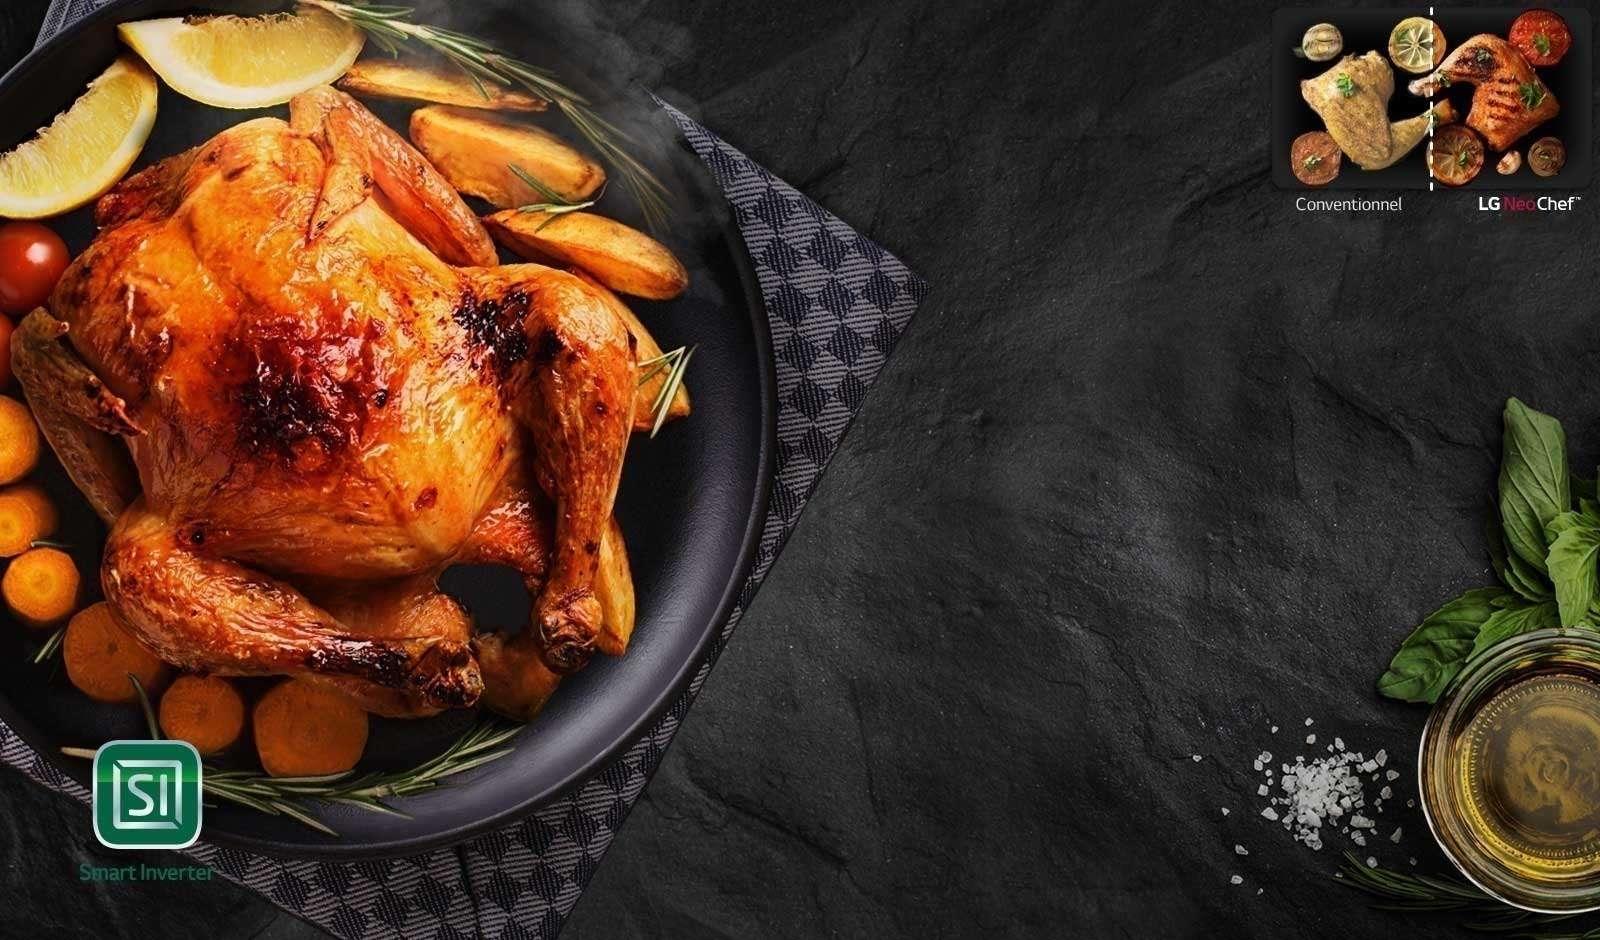 Un plat avec du poulet, des carottes et des pommes de terre